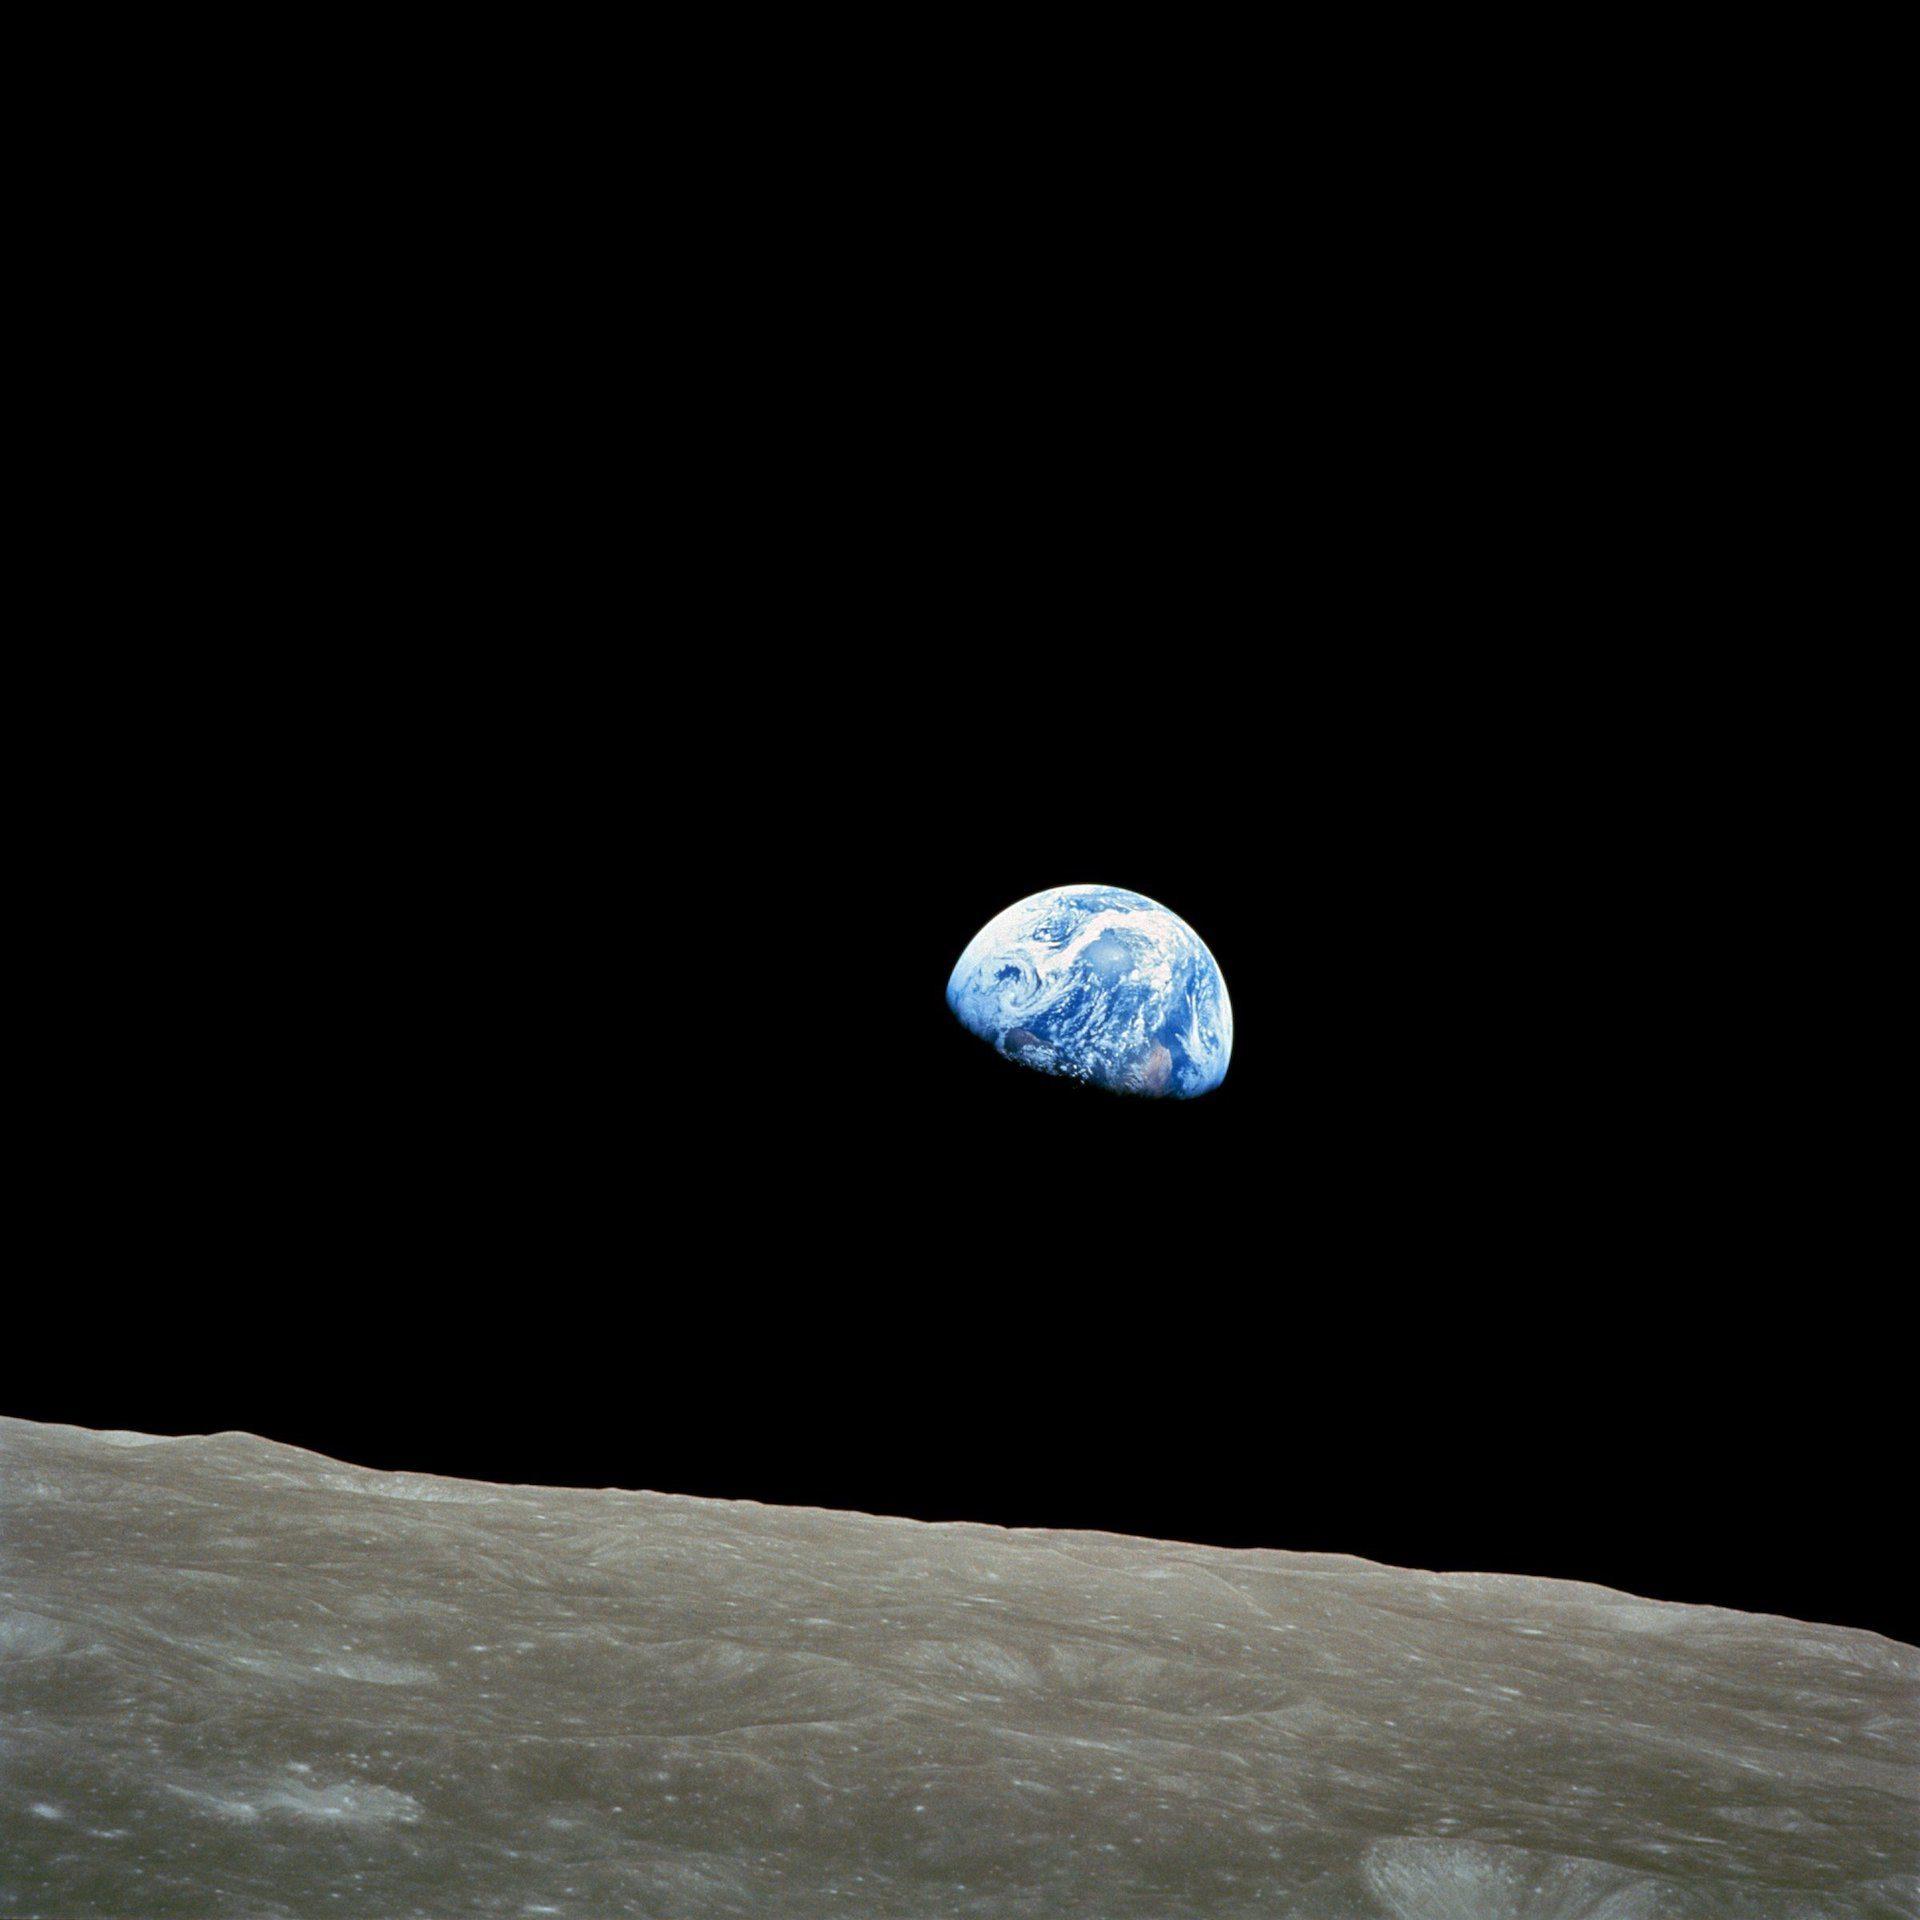 को पृथ्वी, हाउस, घर, दुनिया, ग्रह, humanidad - HD वॉलपेपर - प्रोफेसर-falken.com